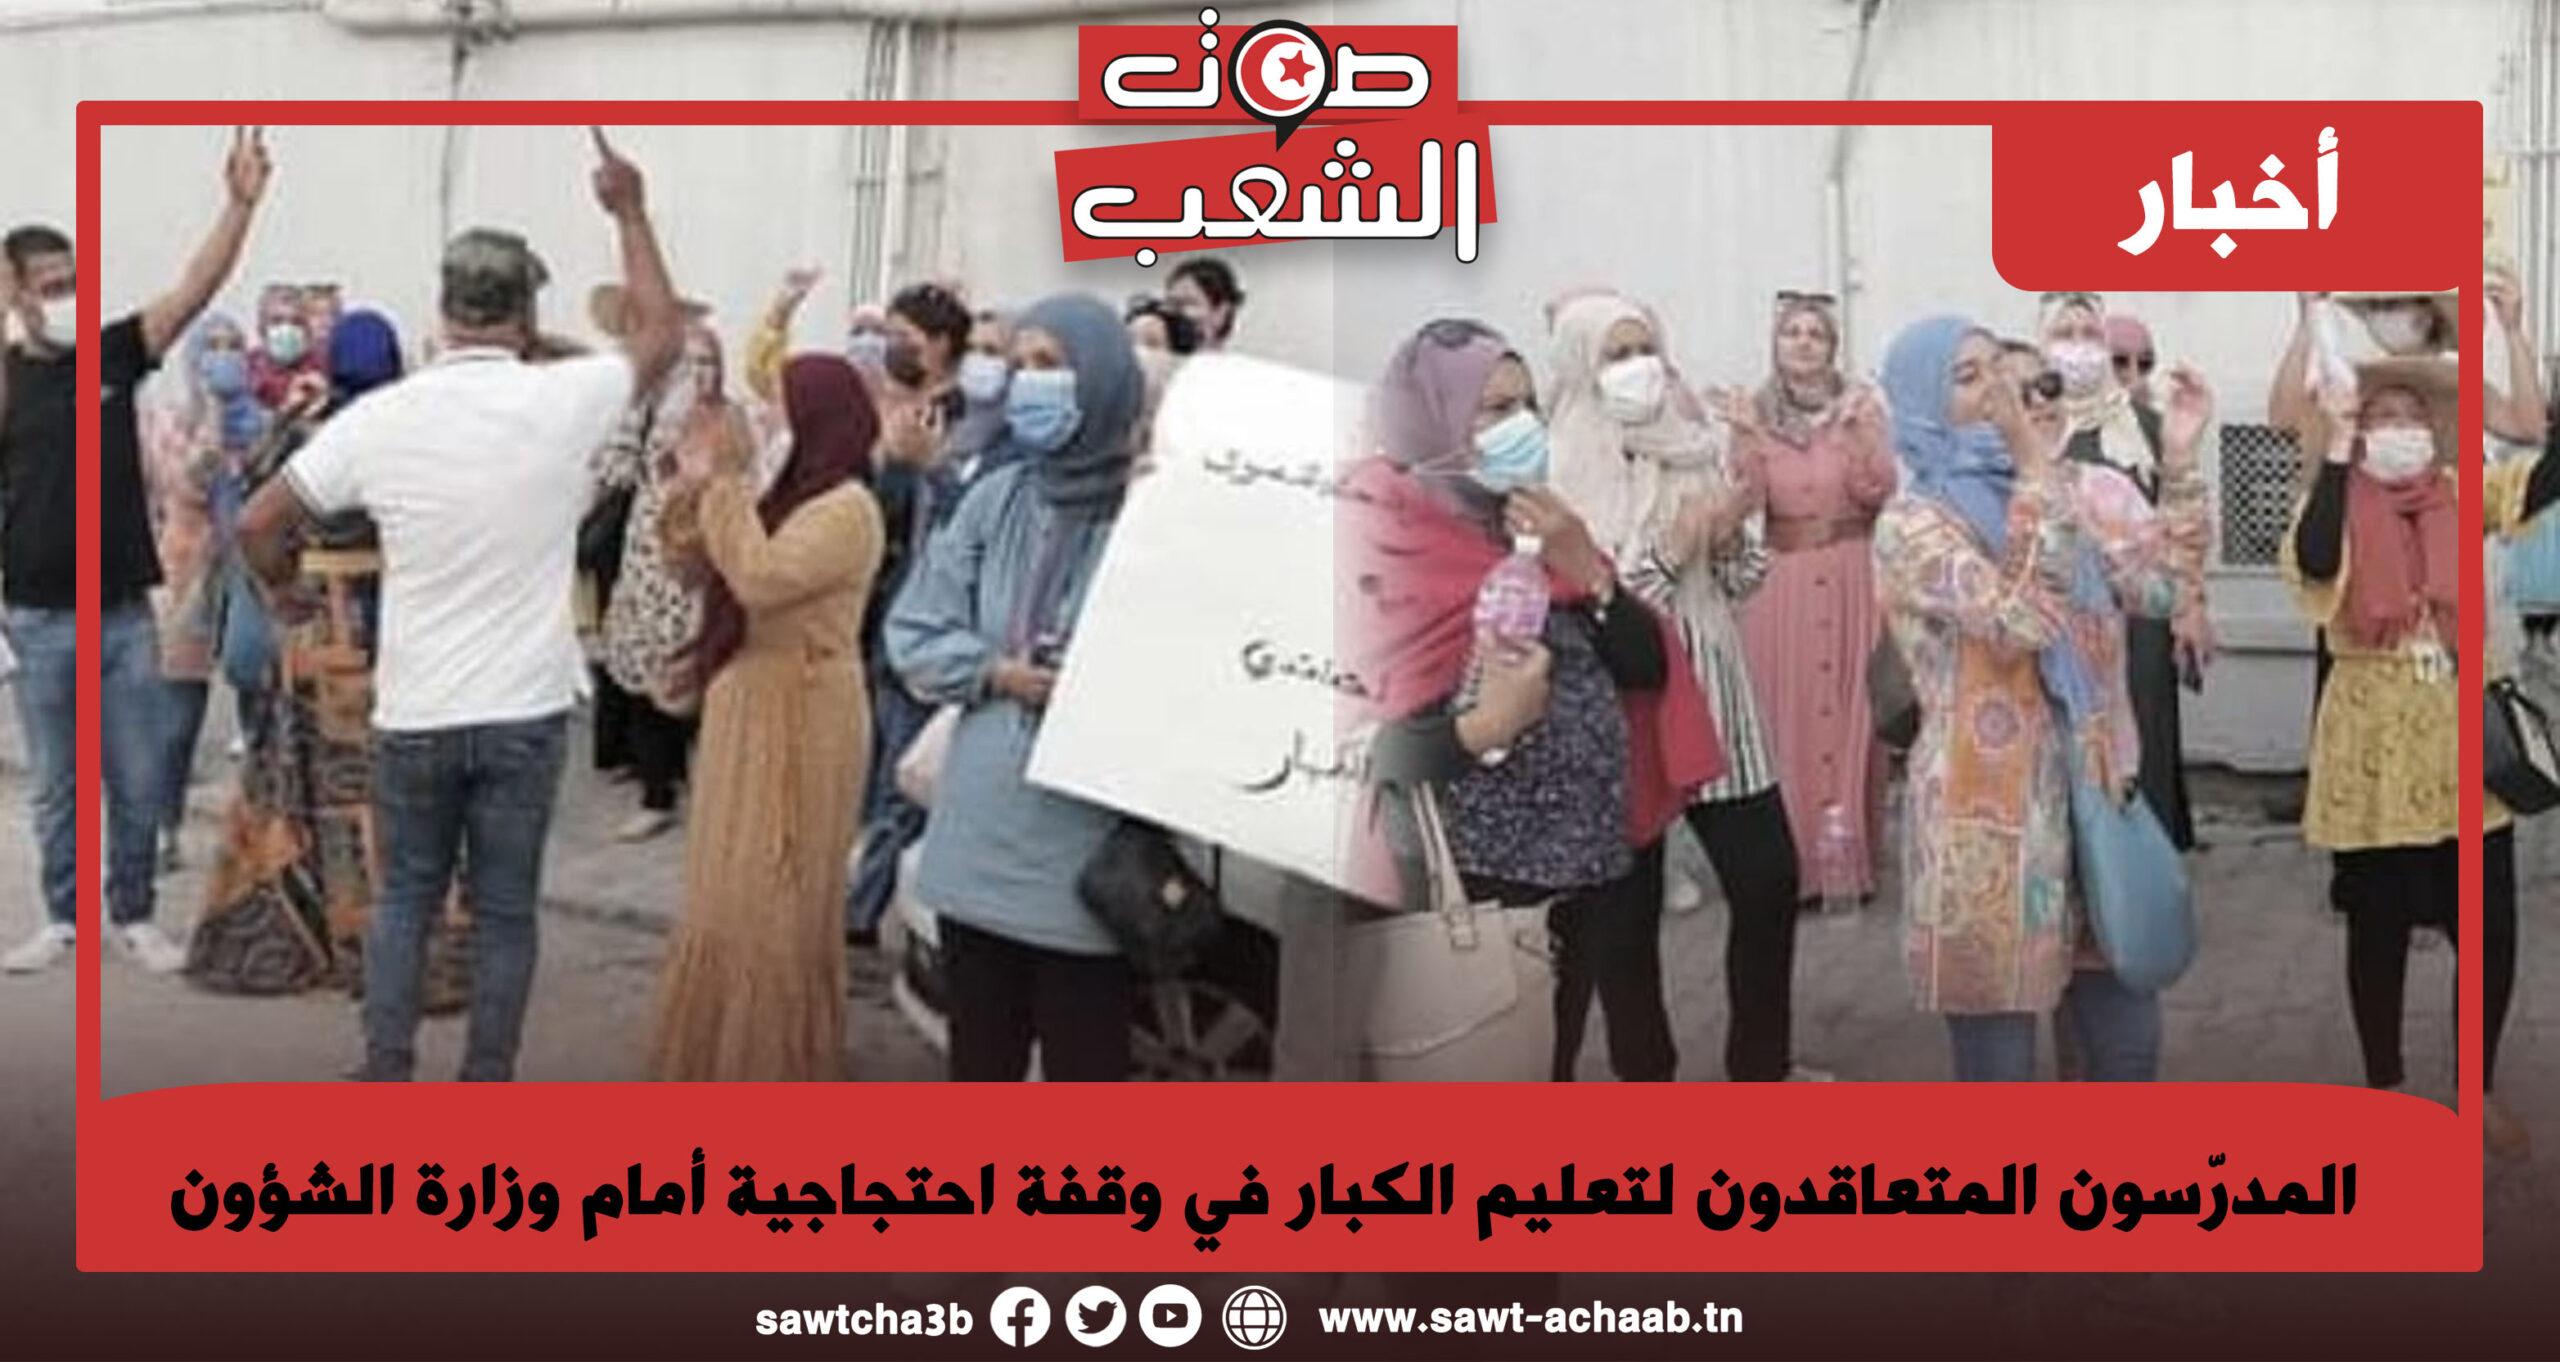 المدرّسون المتعاقدون لتعليم الكبار في وقفة احتجاجية أمام وزارة الشؤون الاجتماعية